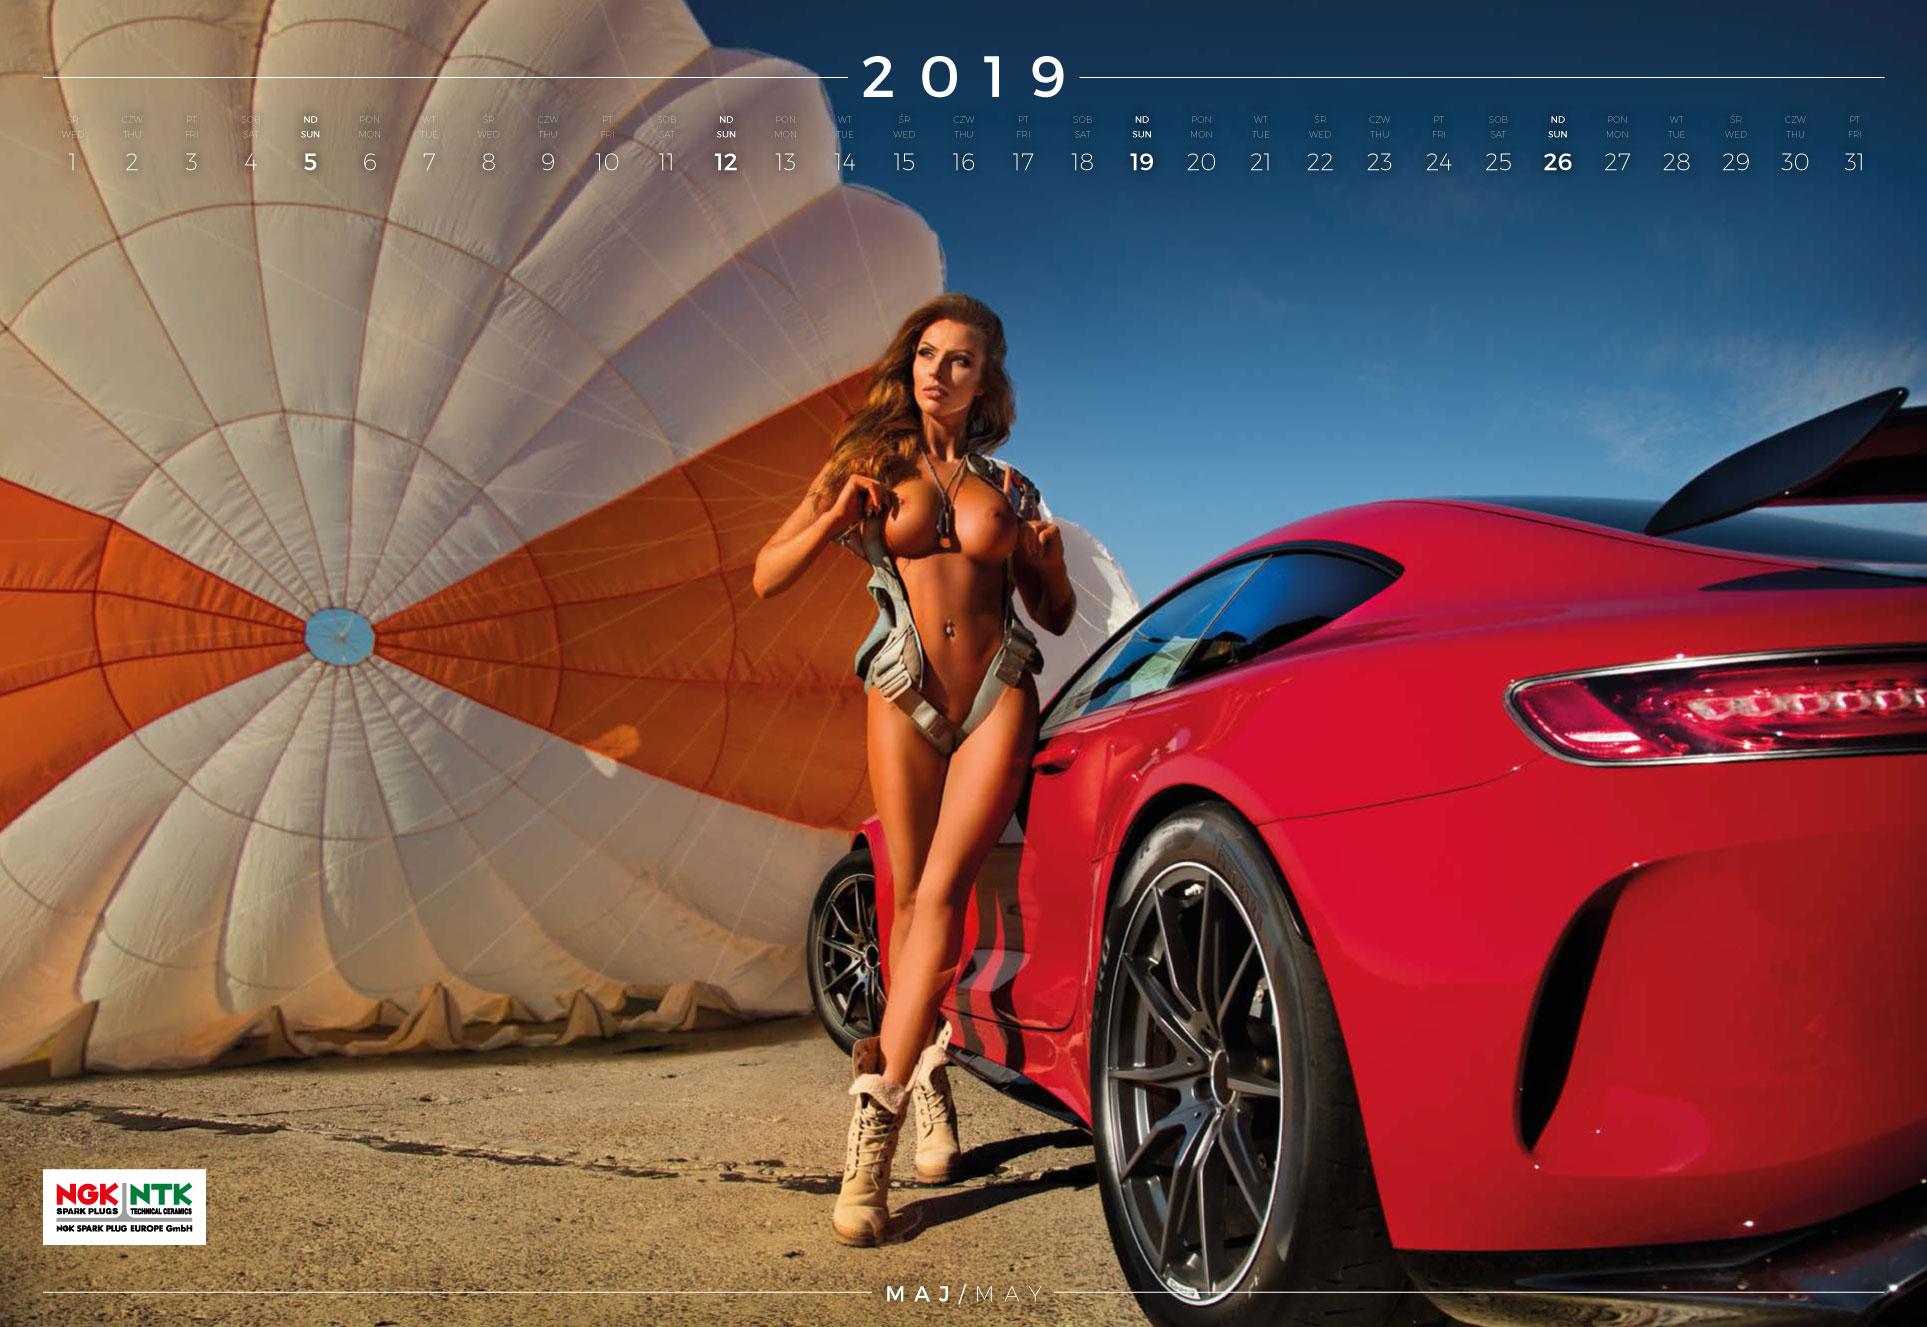 май - эротический календарь 2019 Inter Cars SA / польский дистрибьютор автомобилей, сопутствующих товаров и запчастей